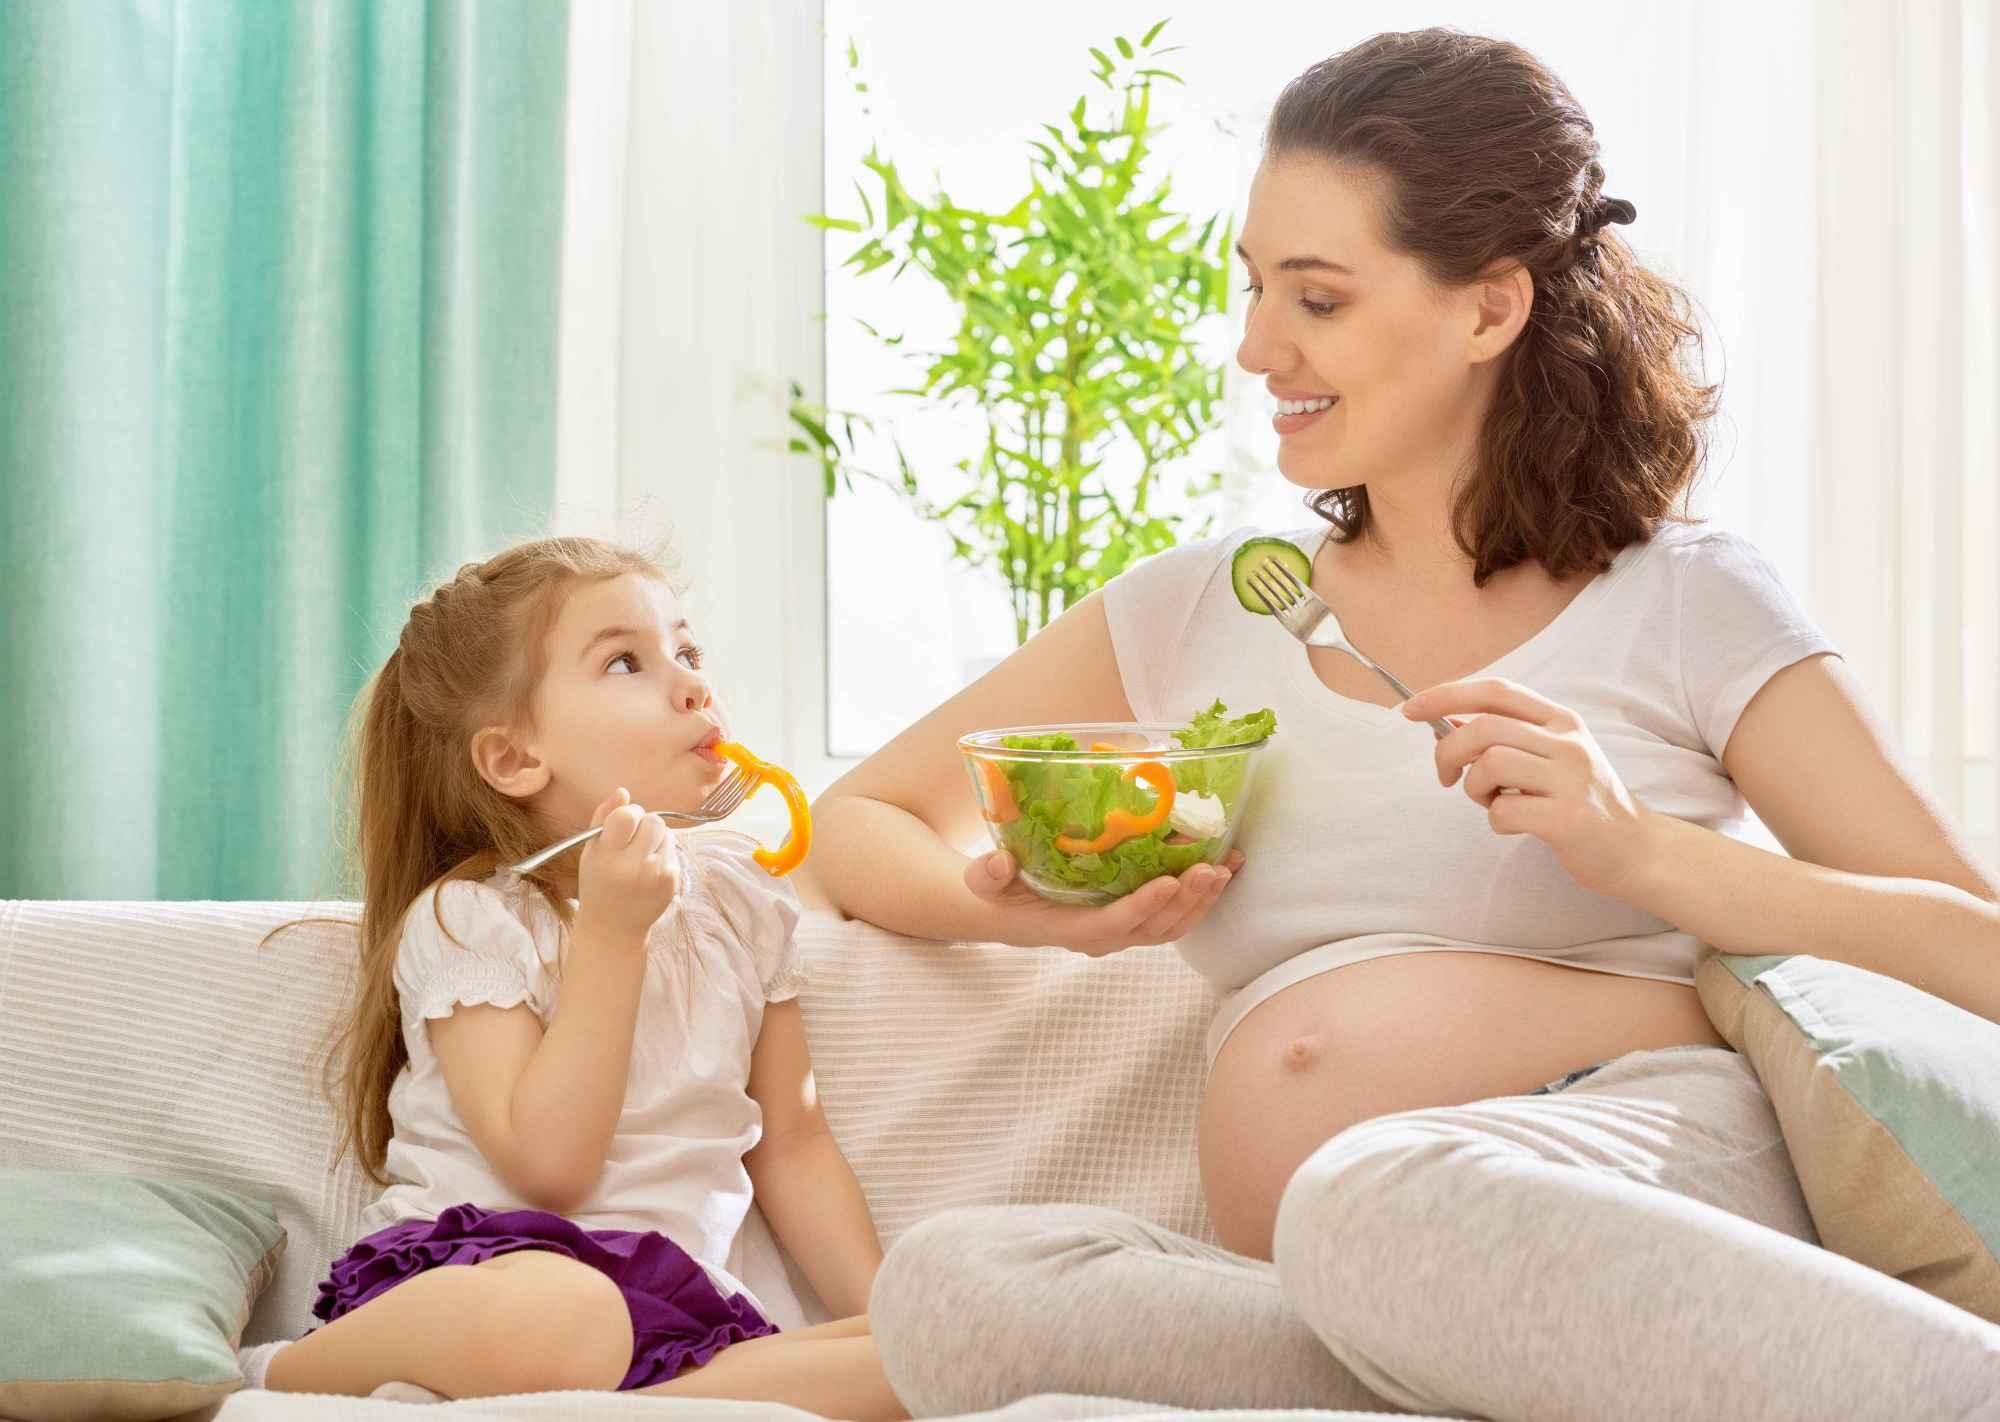 胎儿饿了 孕妈有俩明显感觉 及时补对营养 以防发育跟不上-家庭网